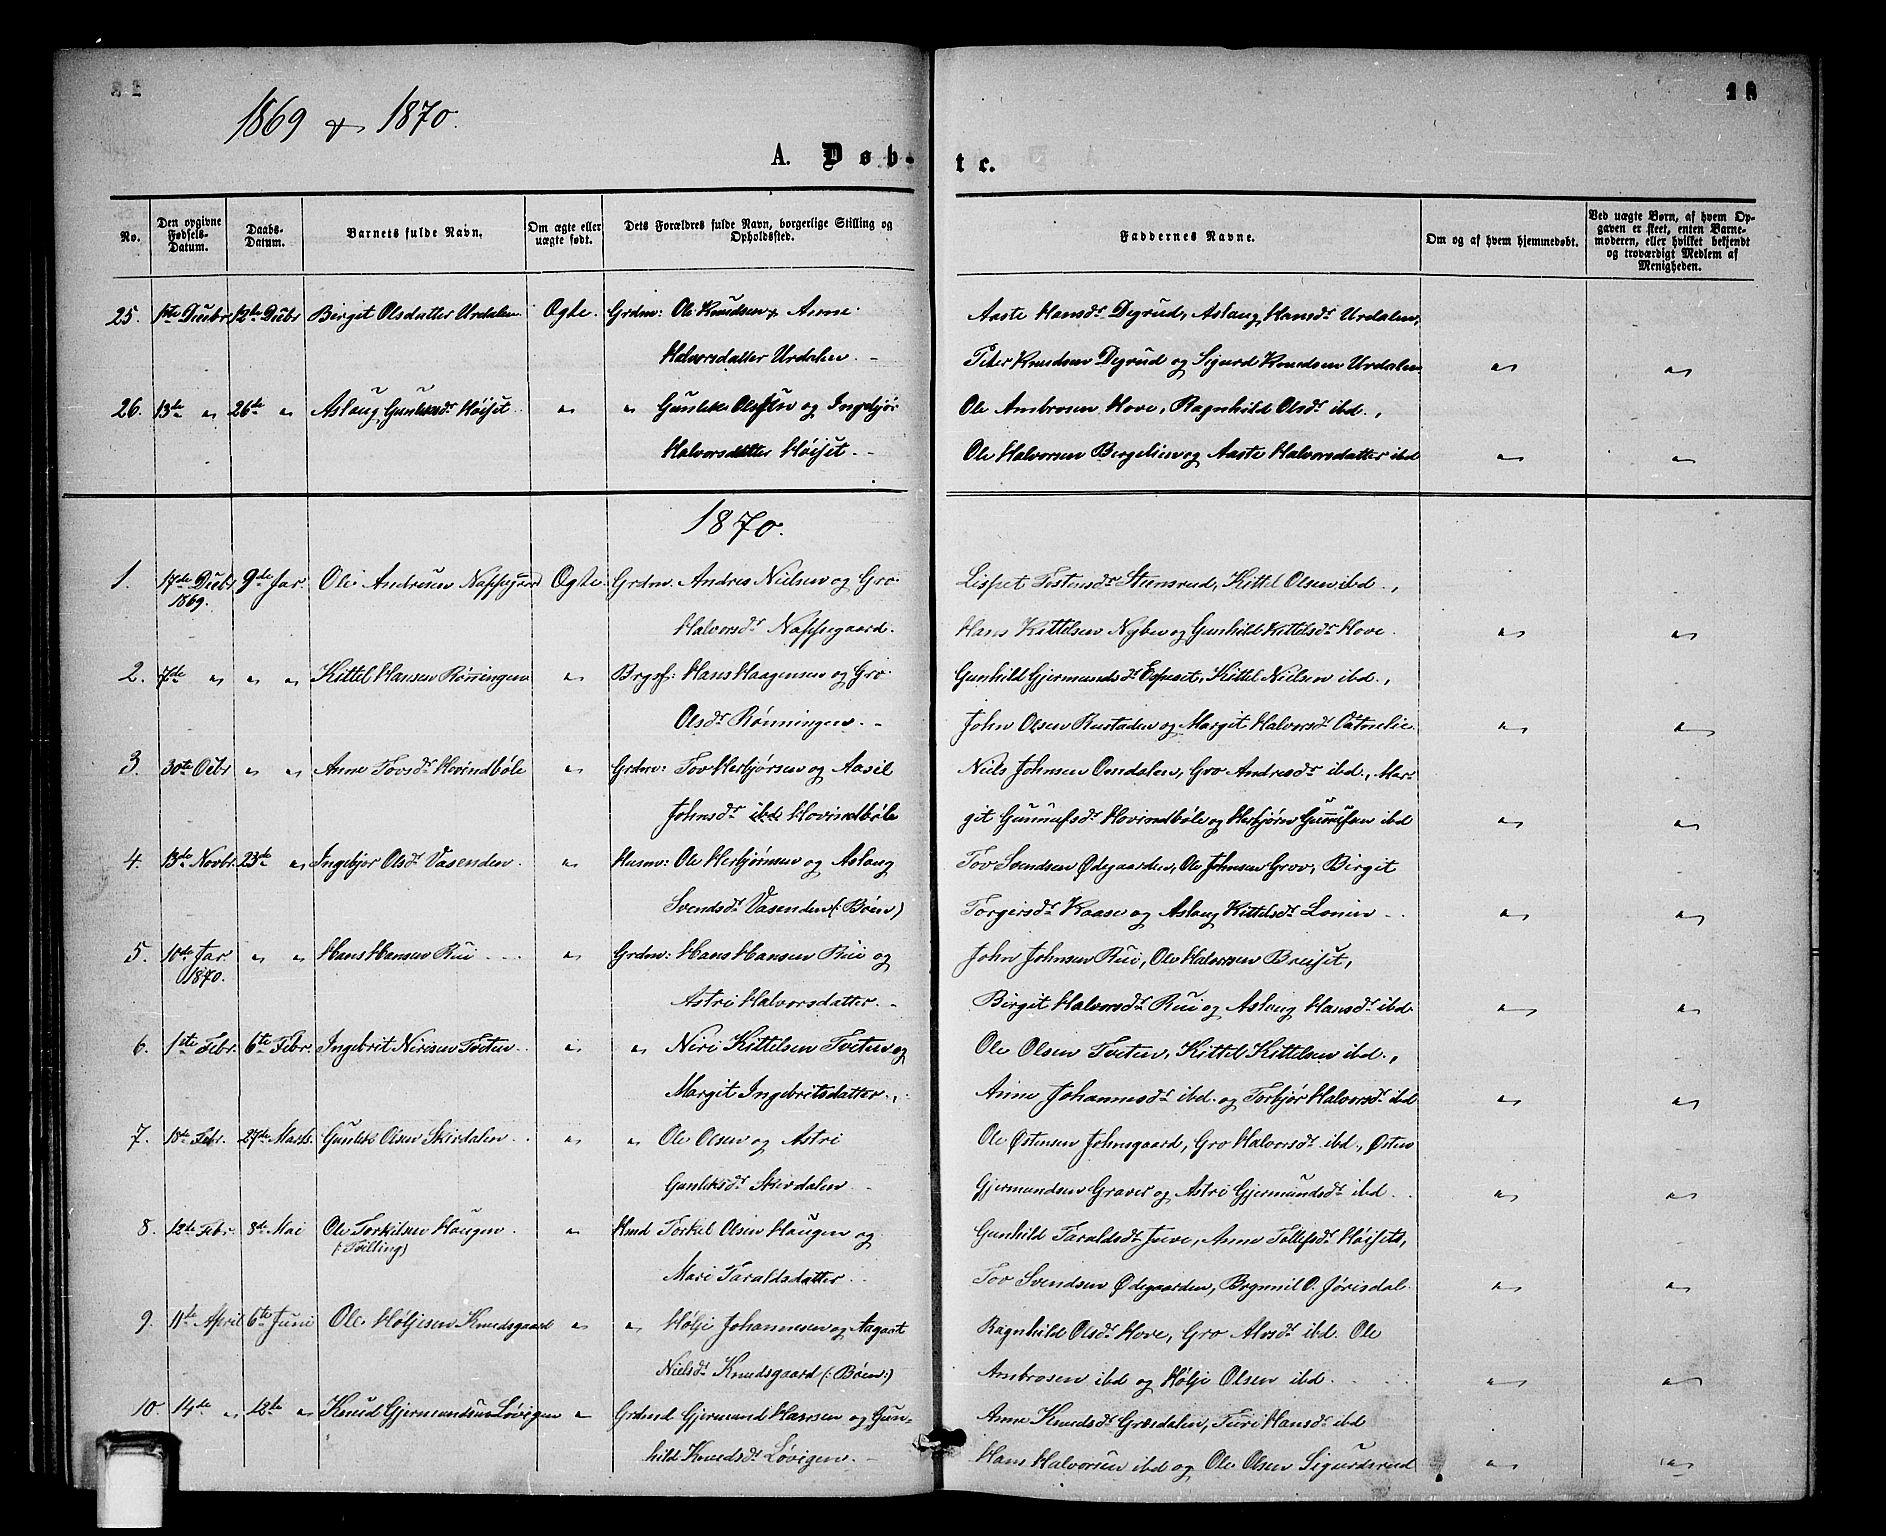 SAKO, Gransherad kirkebøker, G/Gb/L0002: Klokkerbok nr. II 2, 1860-1886, s. 18